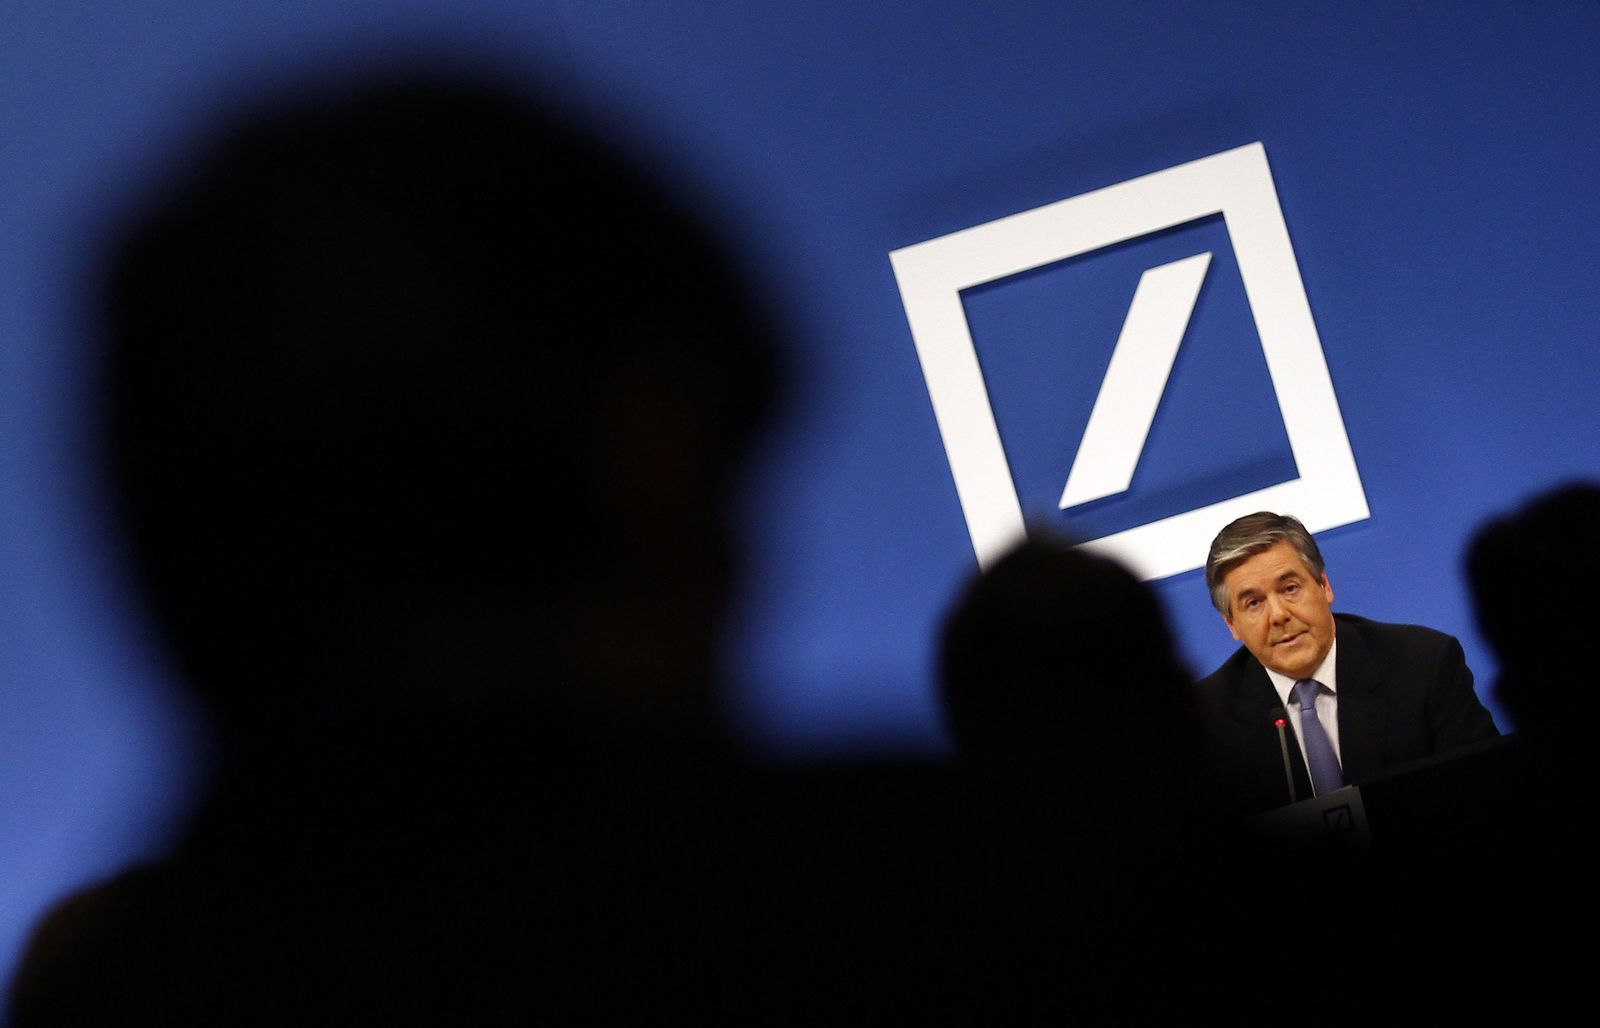 Josef Ackermann / Griechenland / Deutsche Bank XXL